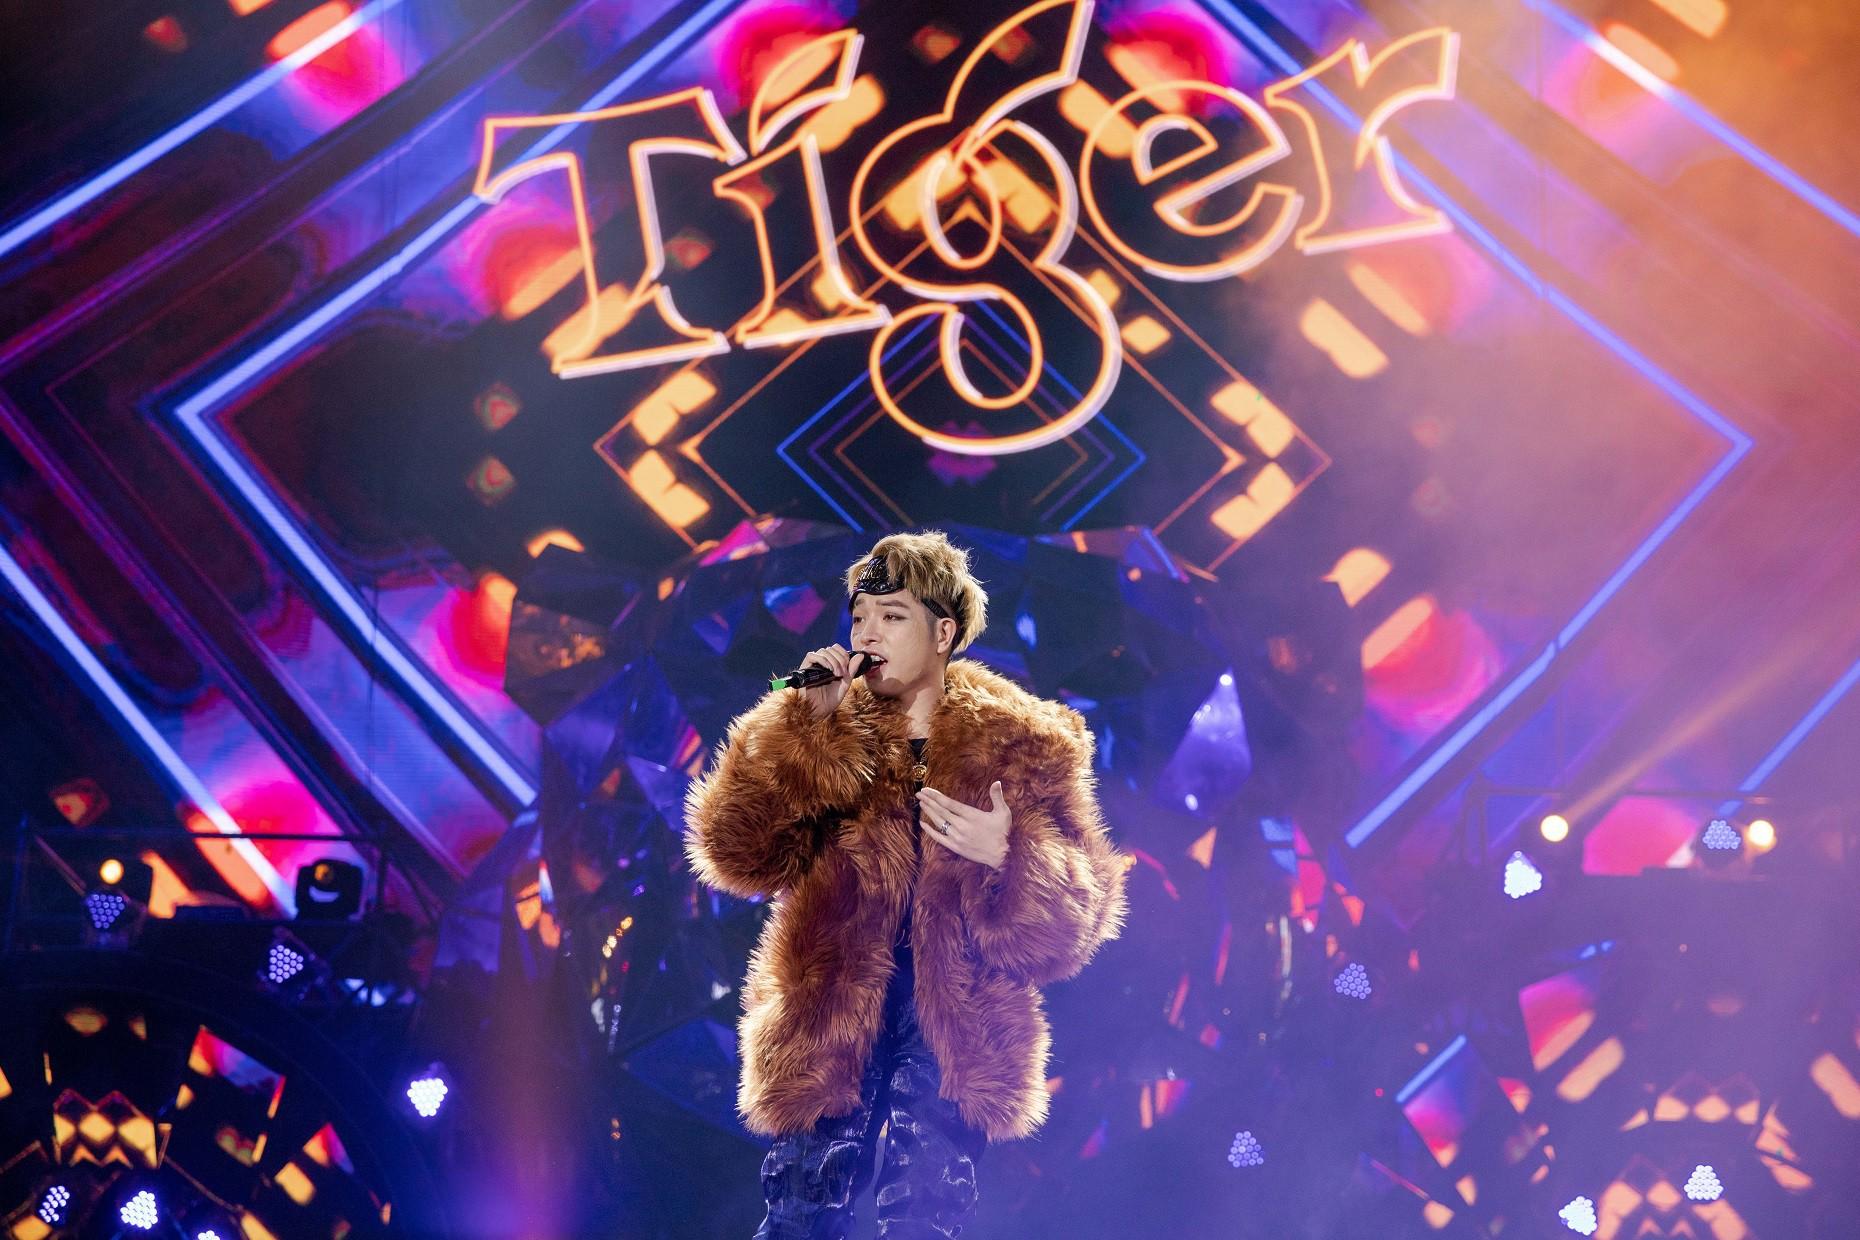 """Sau khăn """"bà ngoại"""", Sơn Tùng tiếp tục khiến fan """"bấn loạn"""" với style """"ông ngoại quốc dân"""" - Ảnh 6."""